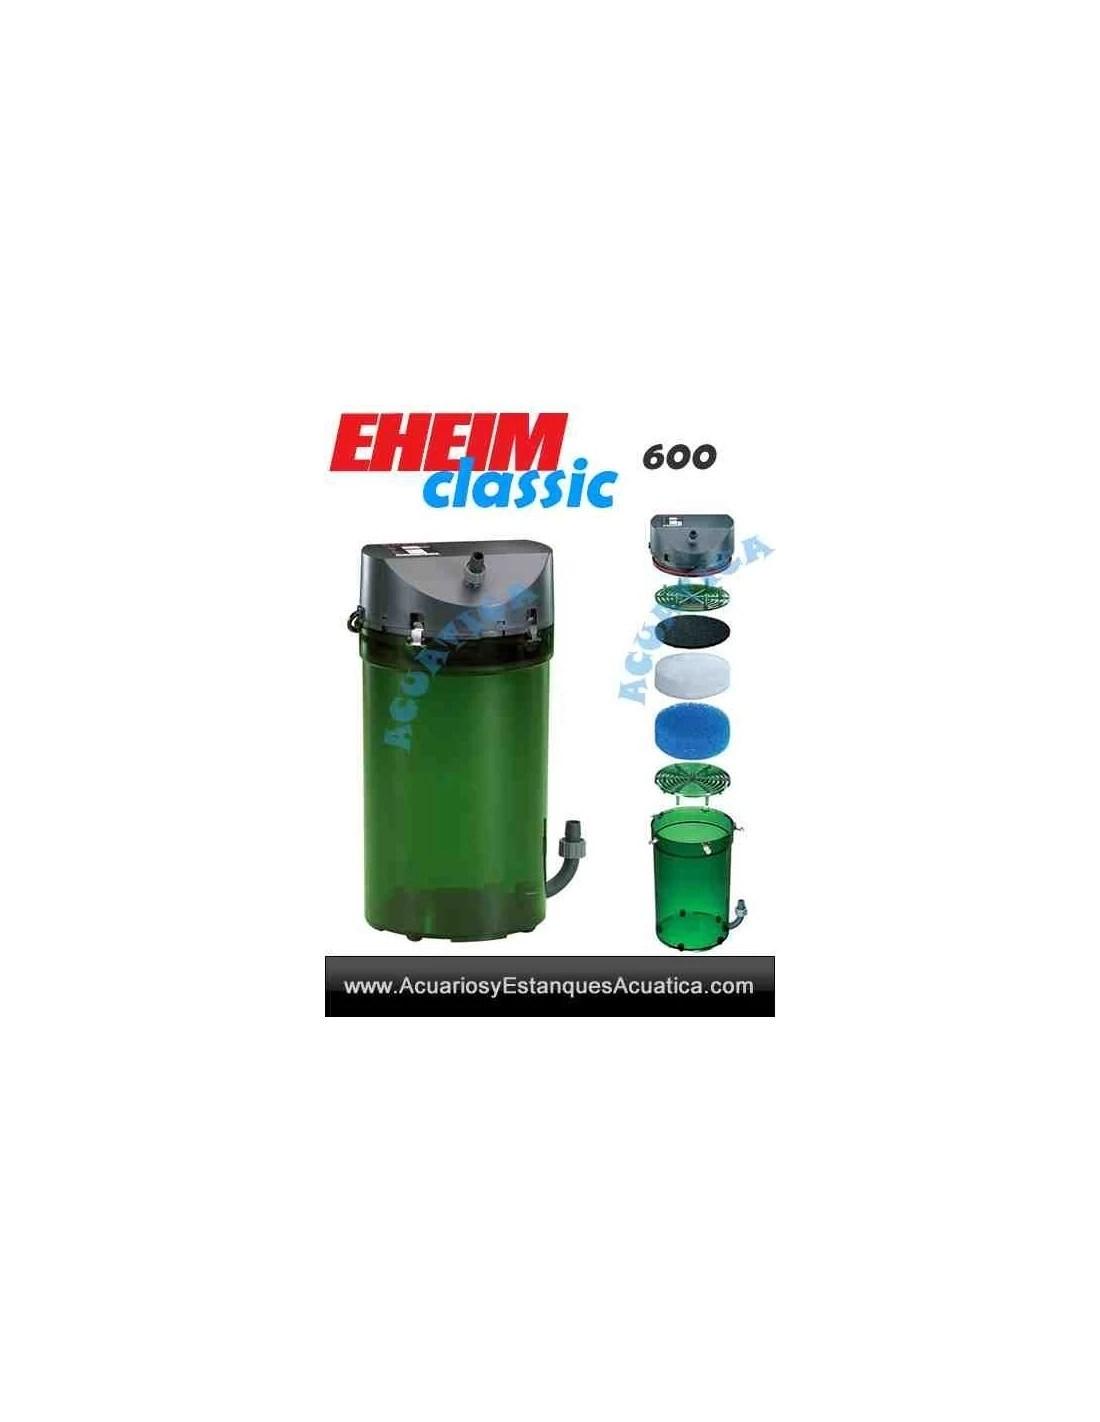 EHEIM CLASSIC FILTROS EXTERNOS ACUARIOS